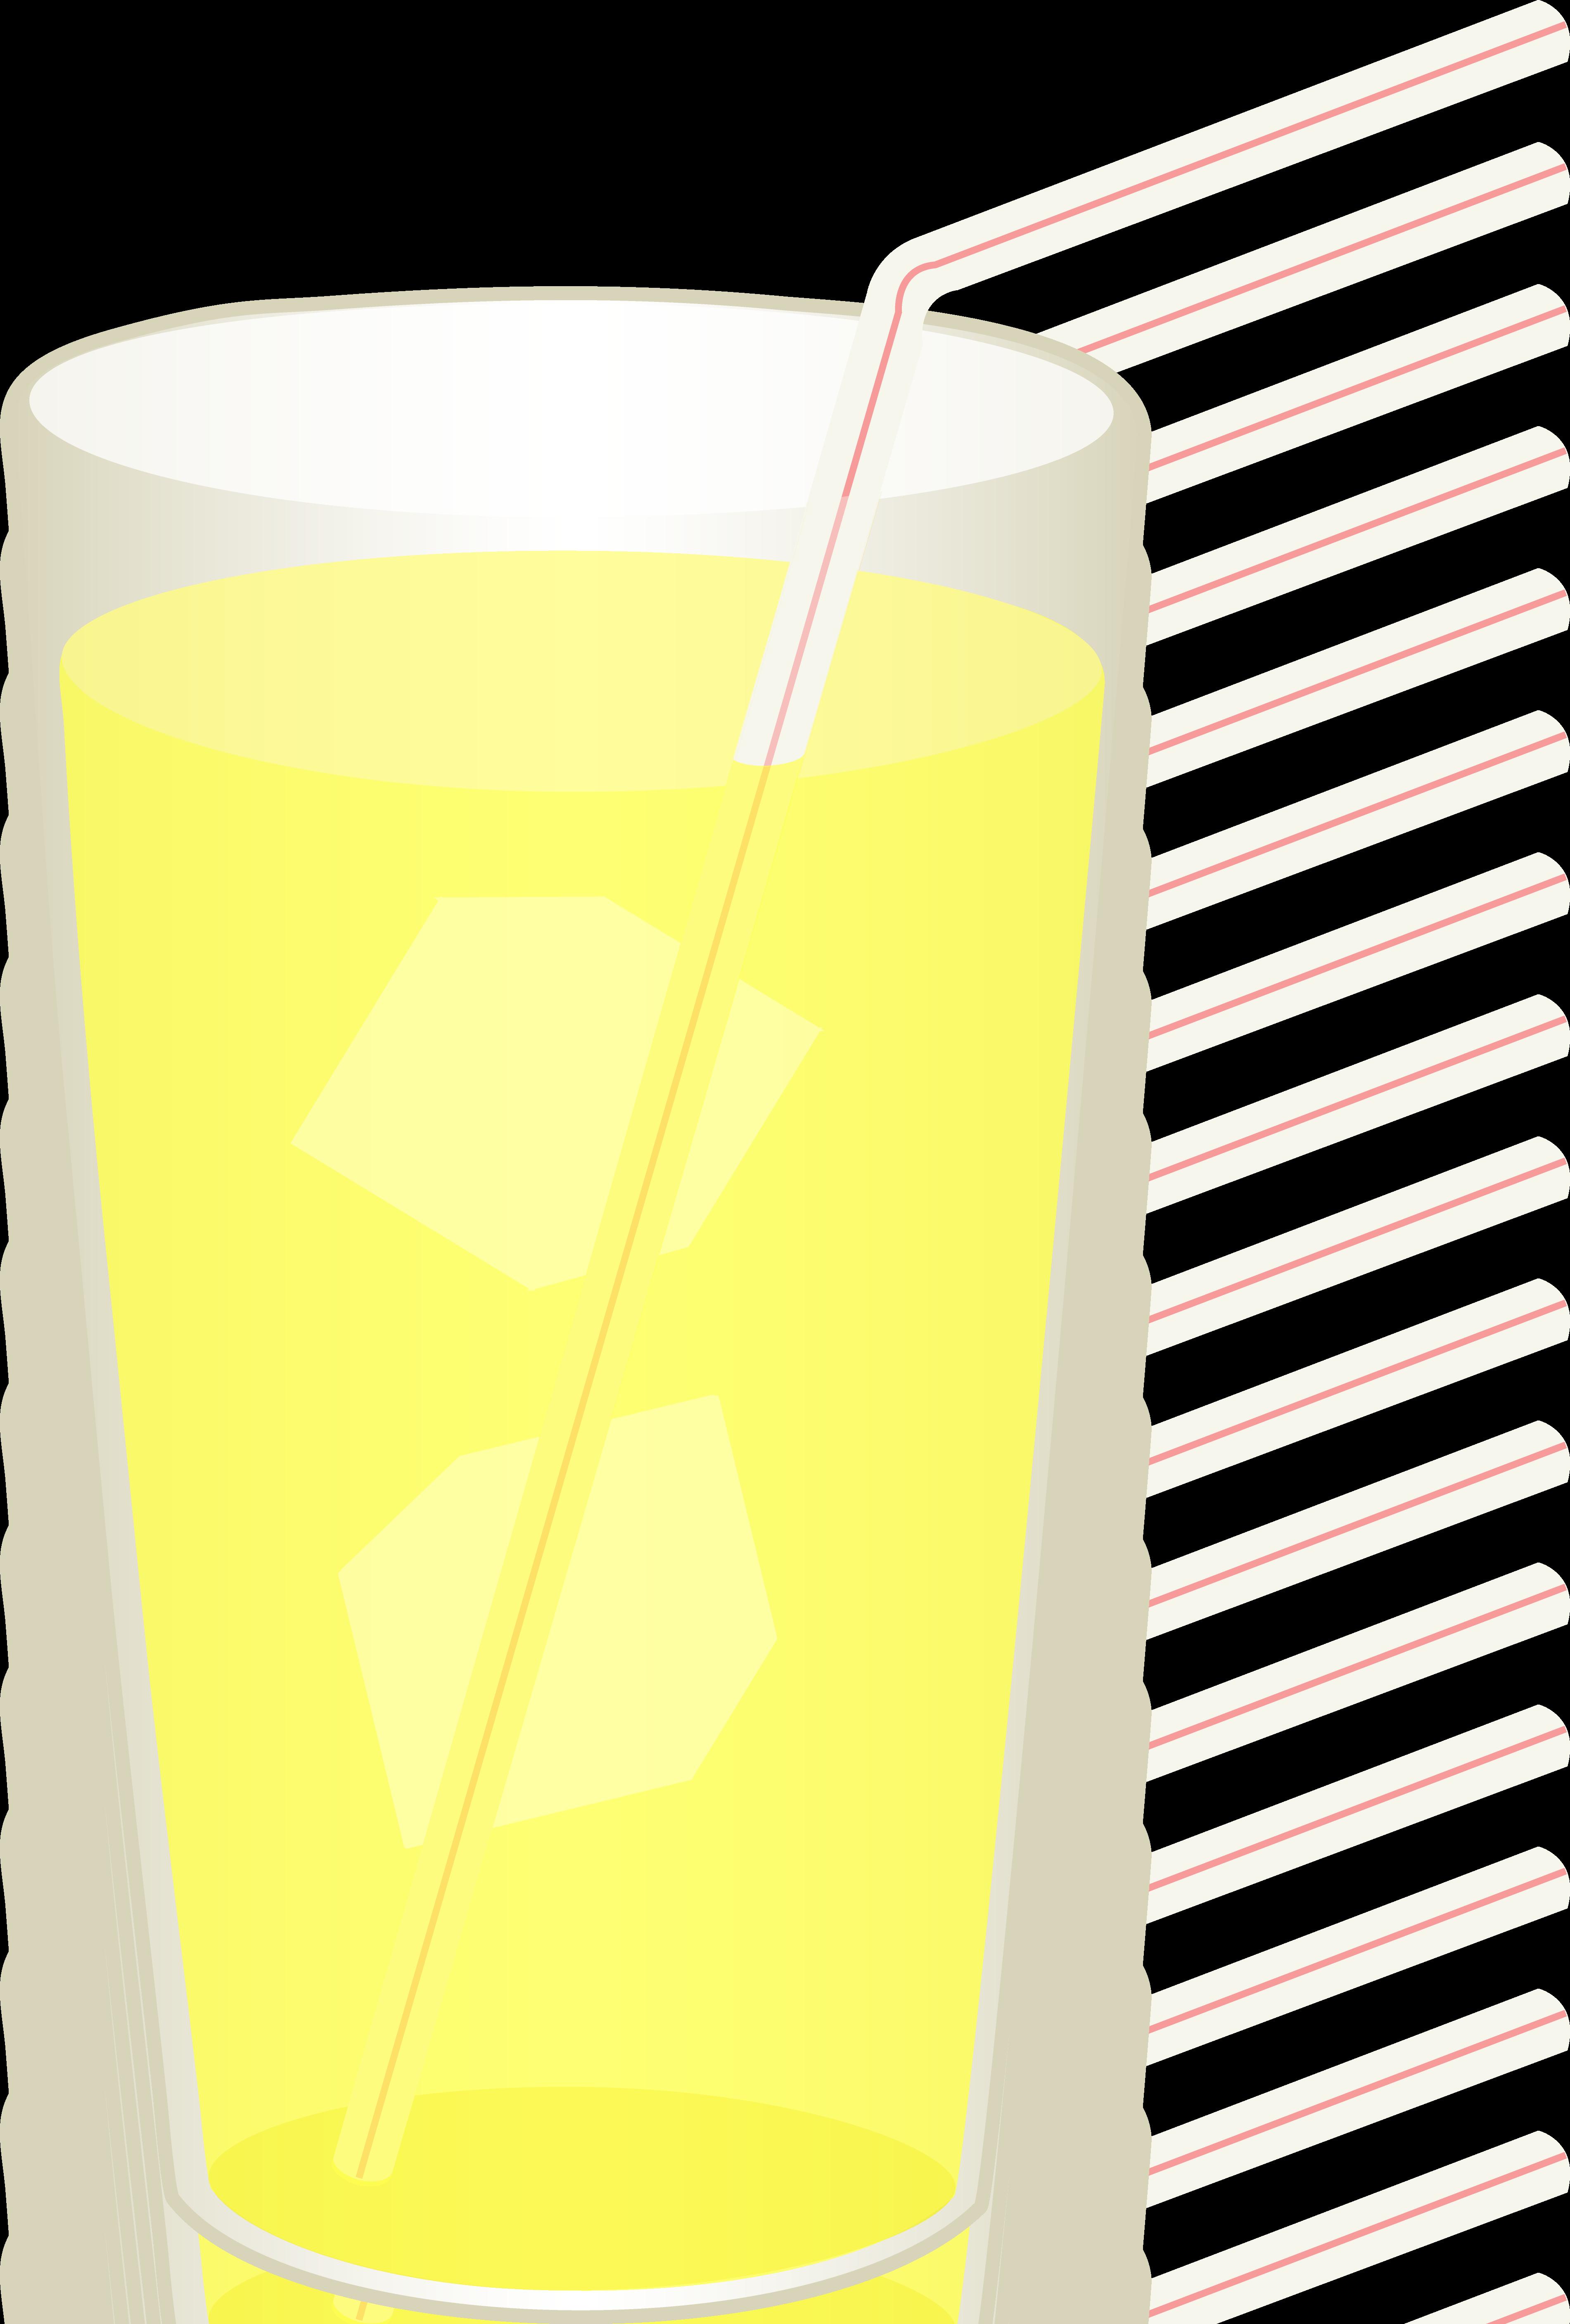 Glass of Iced Lemonade.